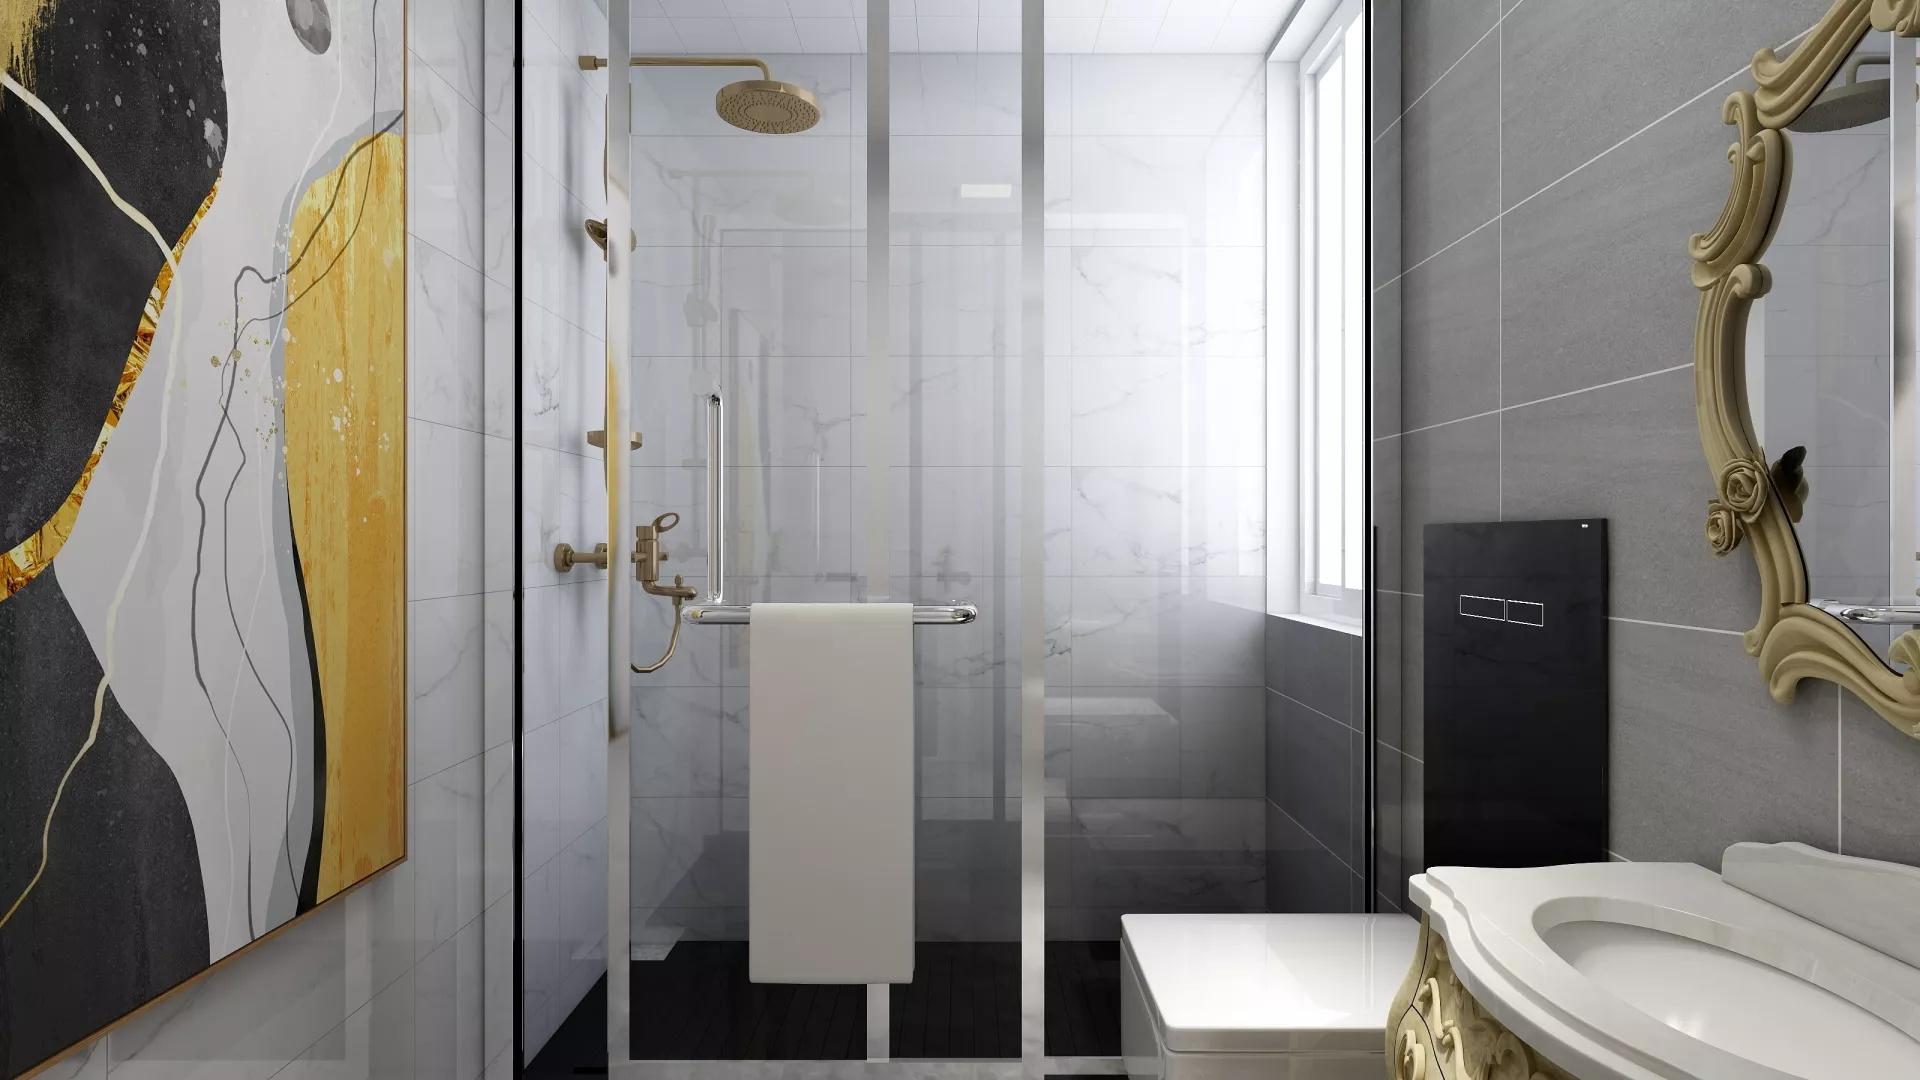 什么是整体卫浴 整体卫浴间优缺点